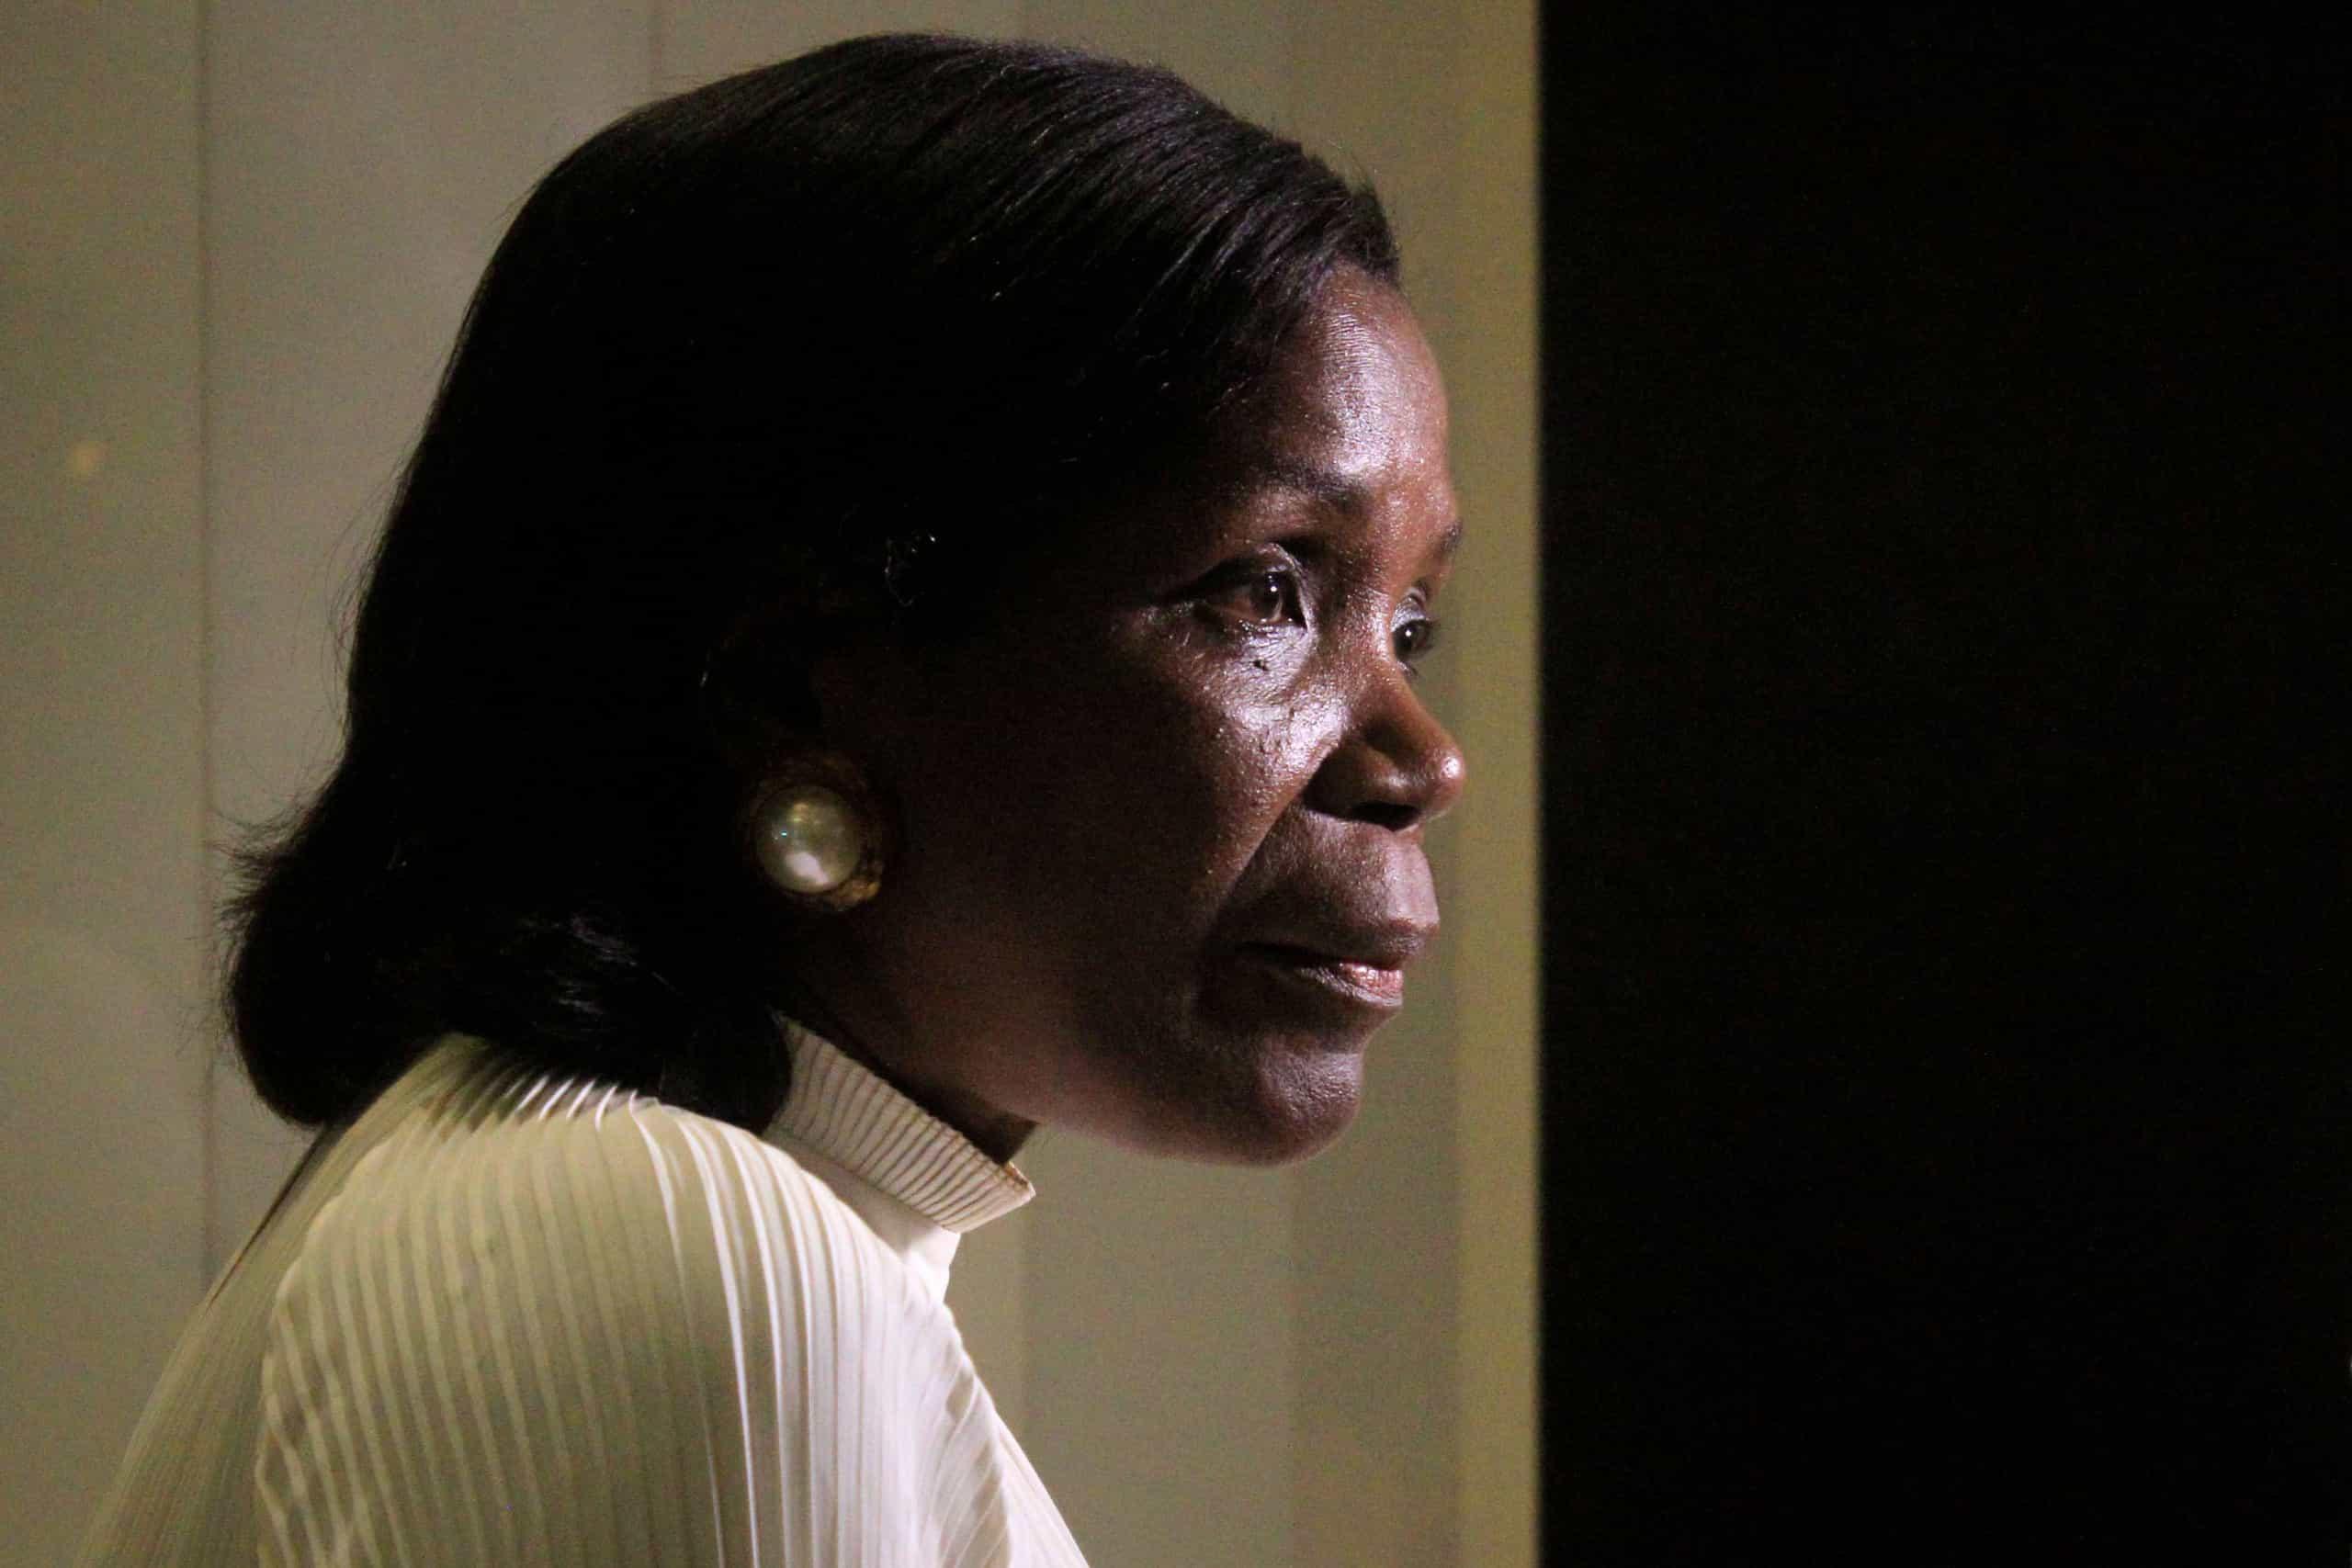 Ministra duvida que proteção do denunciante seja adotada esta legislatura